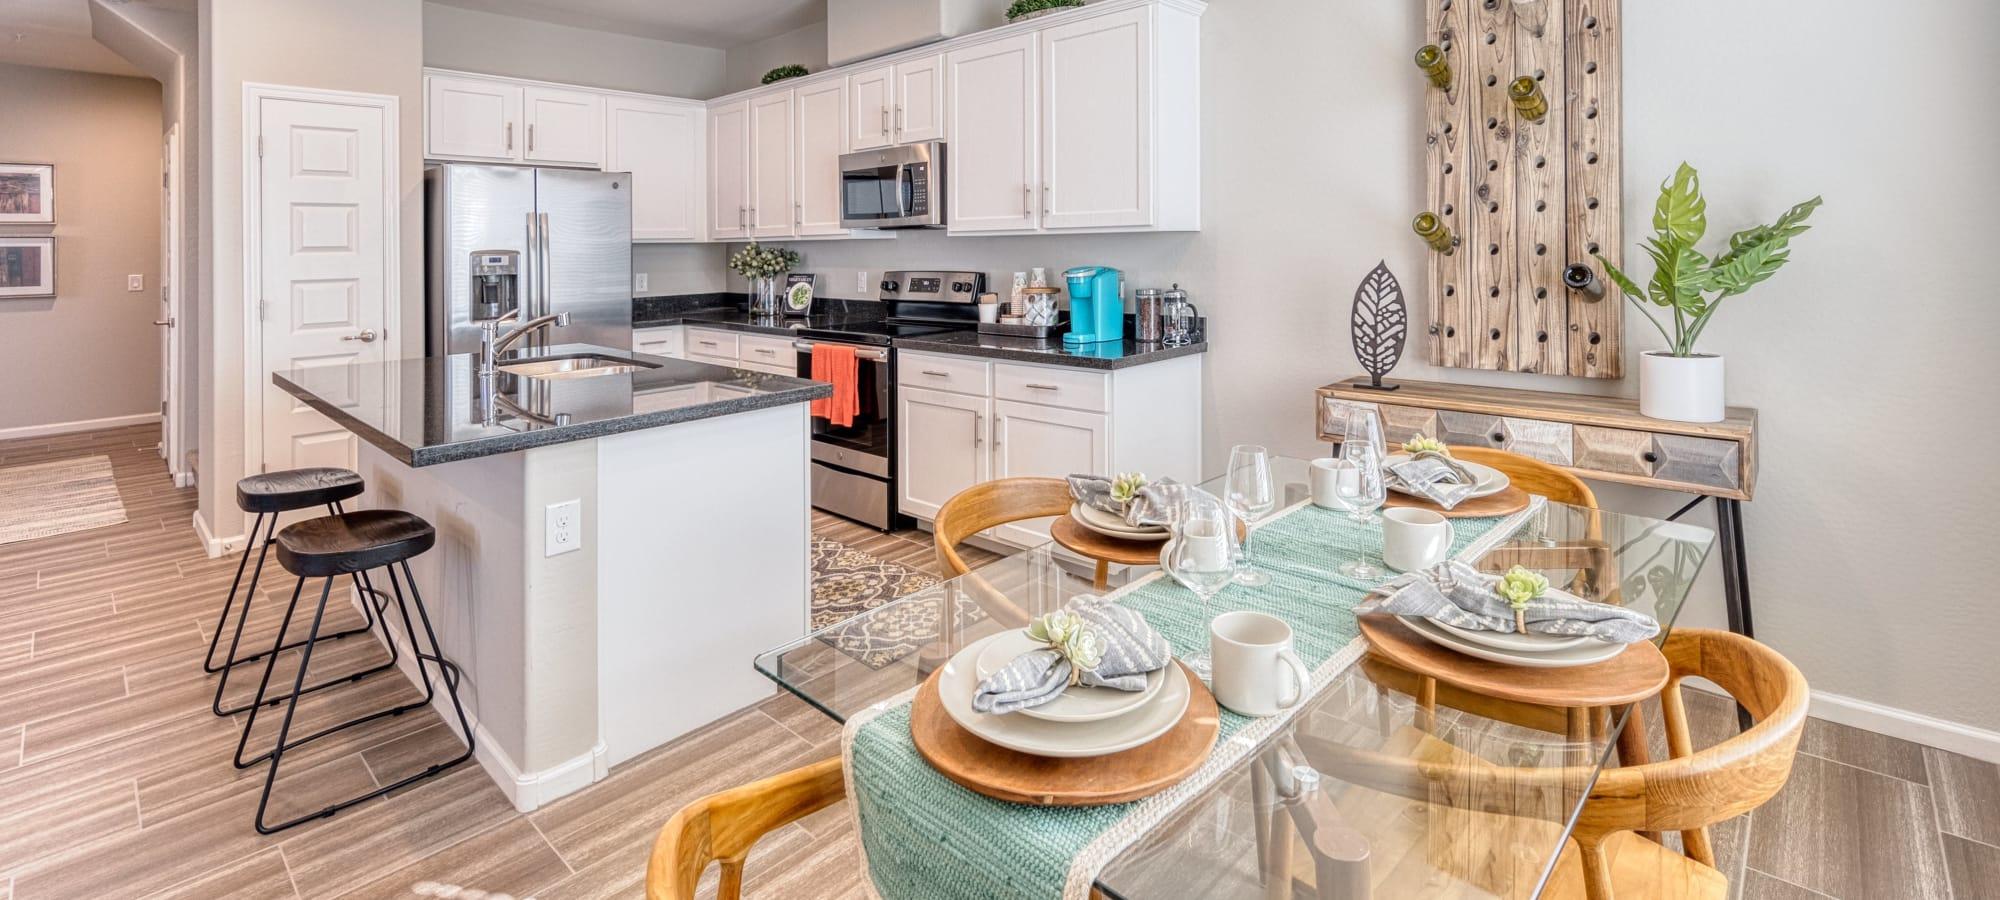 Modern and spacious kitchen at BB Living at Eastmark in Mesa, Arizona